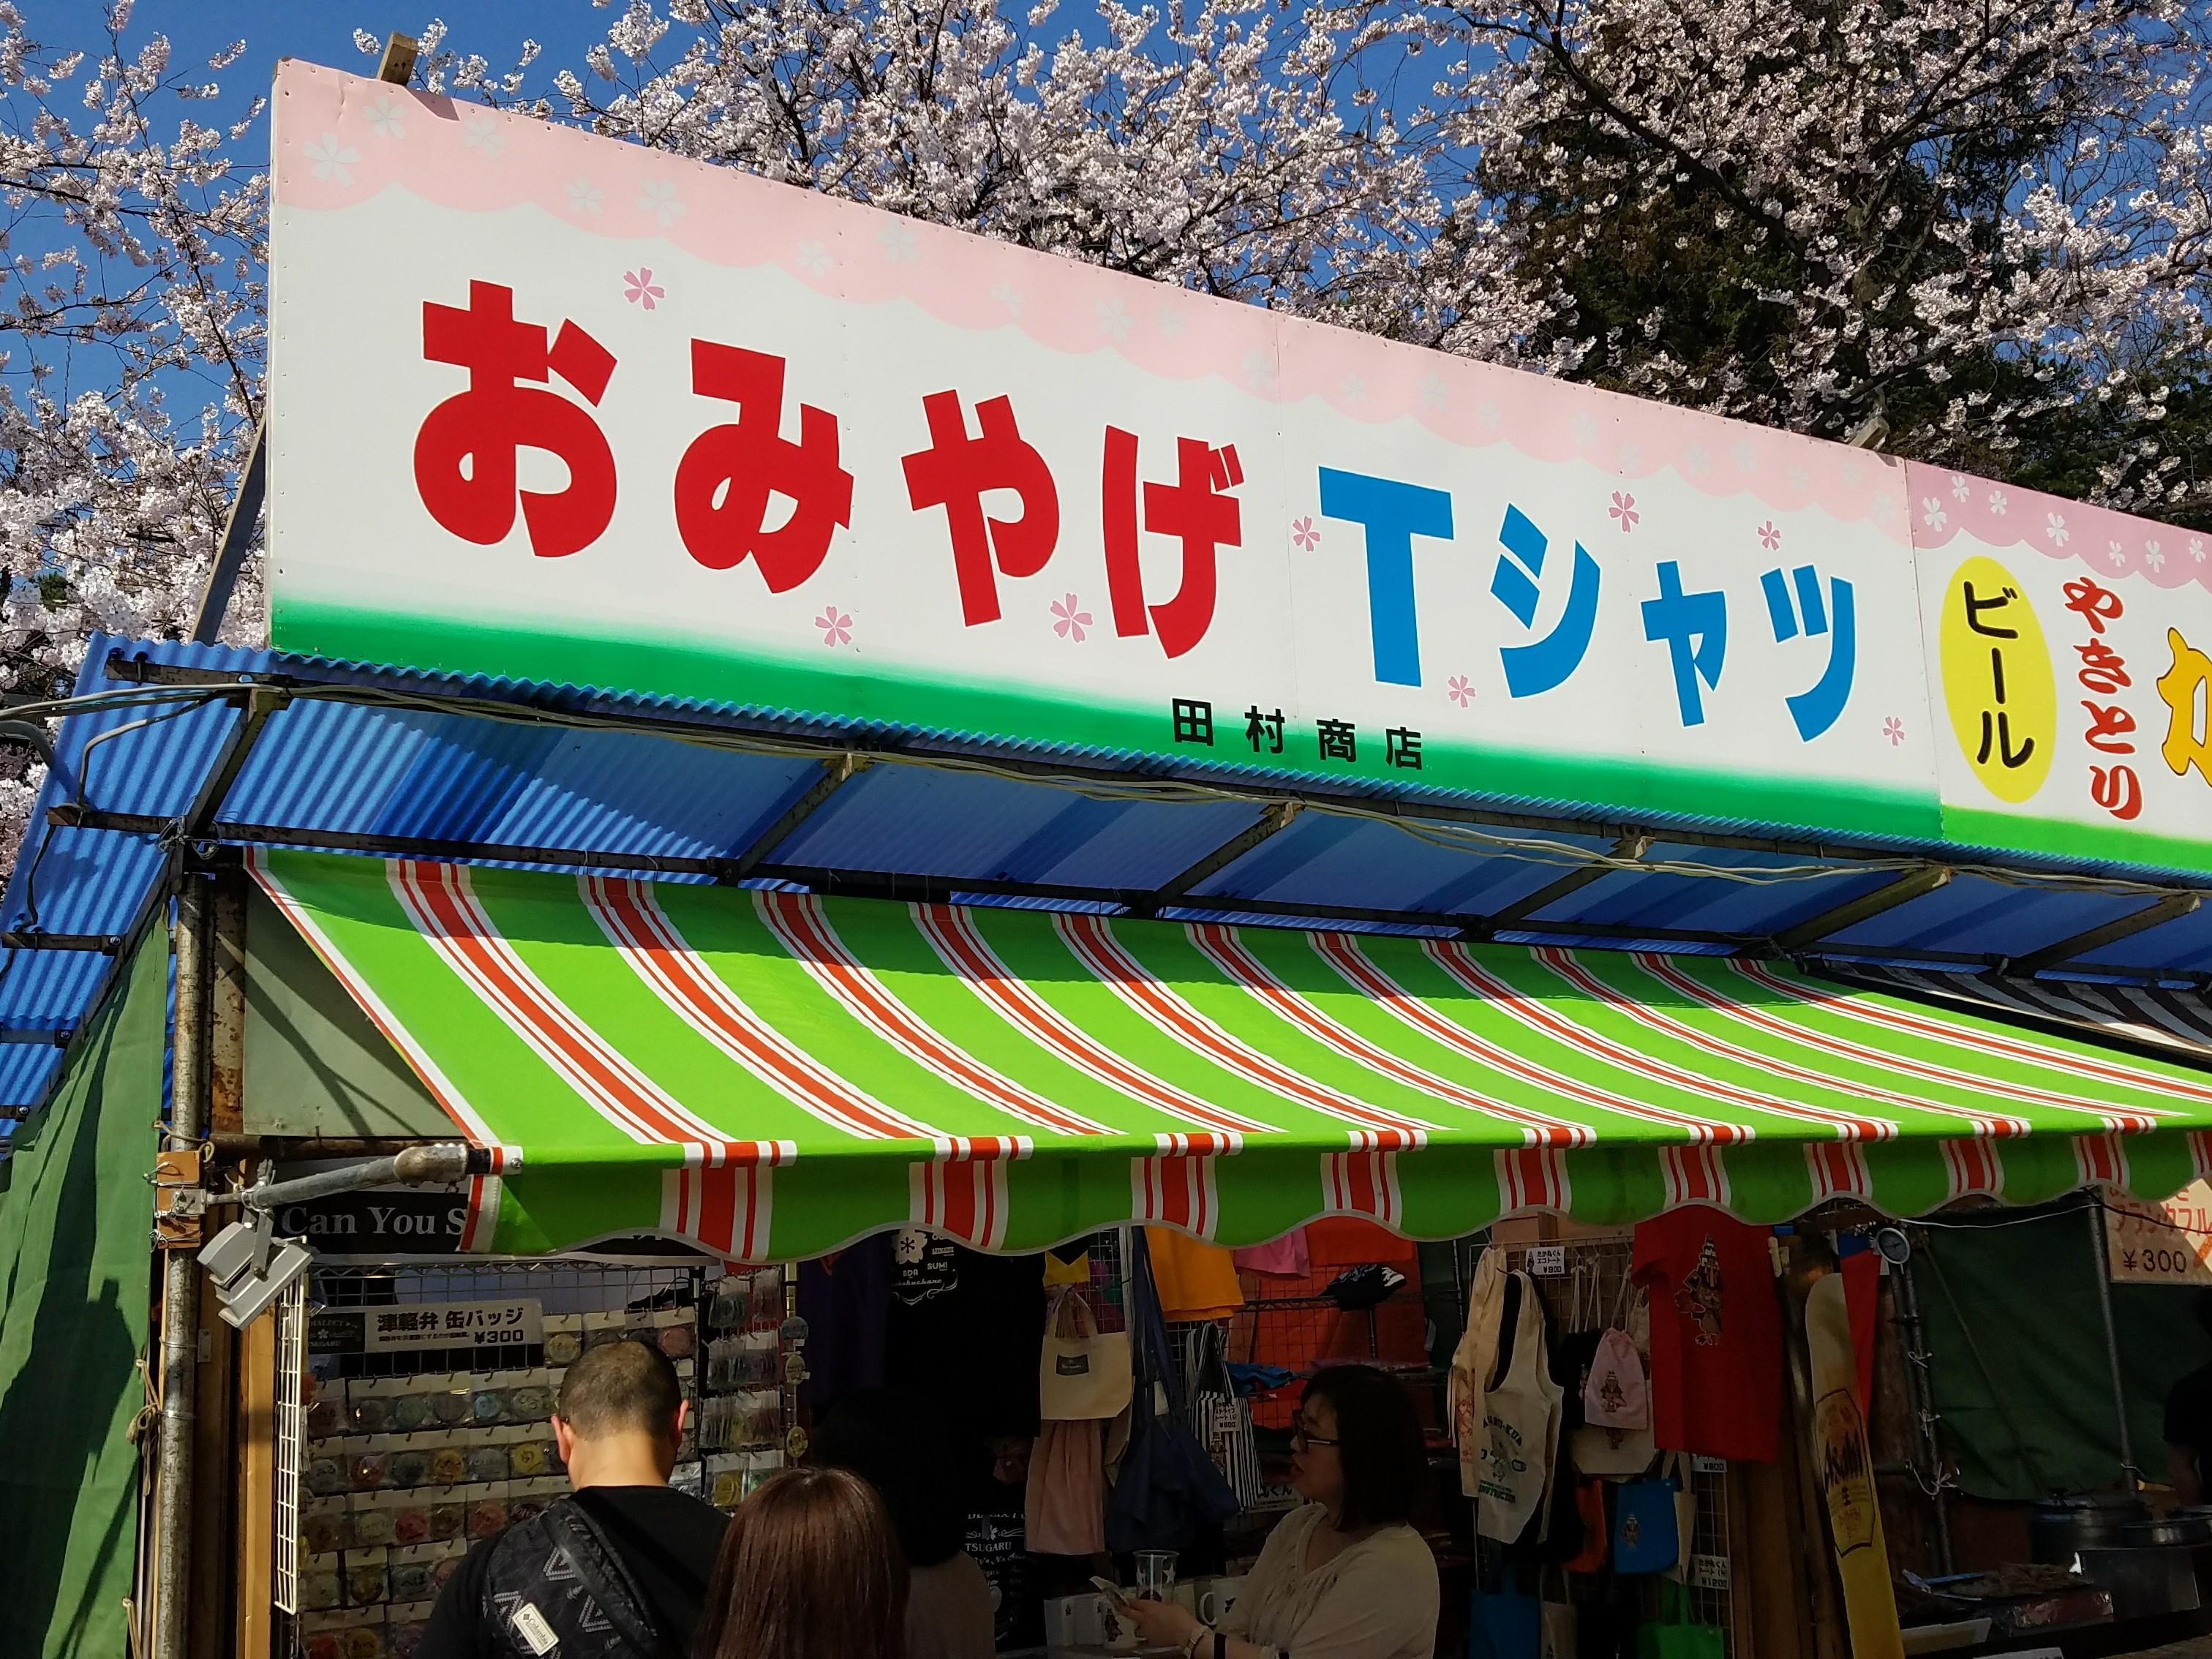 田村商店フロント写真